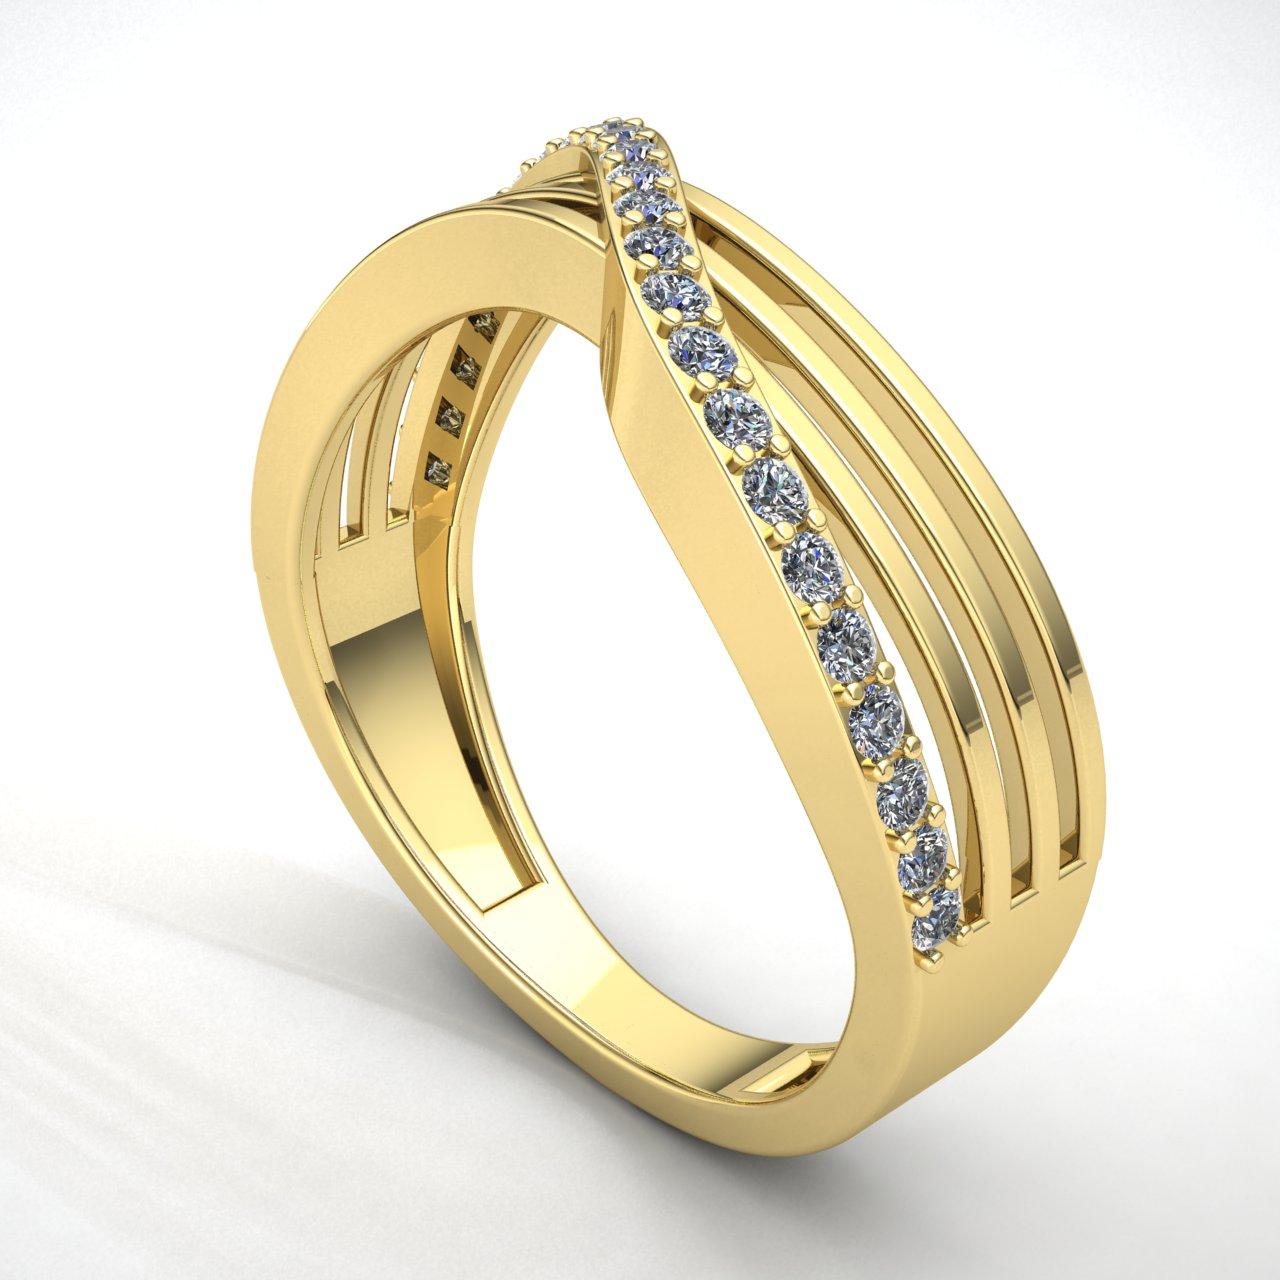 0-75-Ct-Diamante-Talla-Redonda-Mujer-Cruzado-Aniversario-Alianza-18Ct-Oro miniatura 13